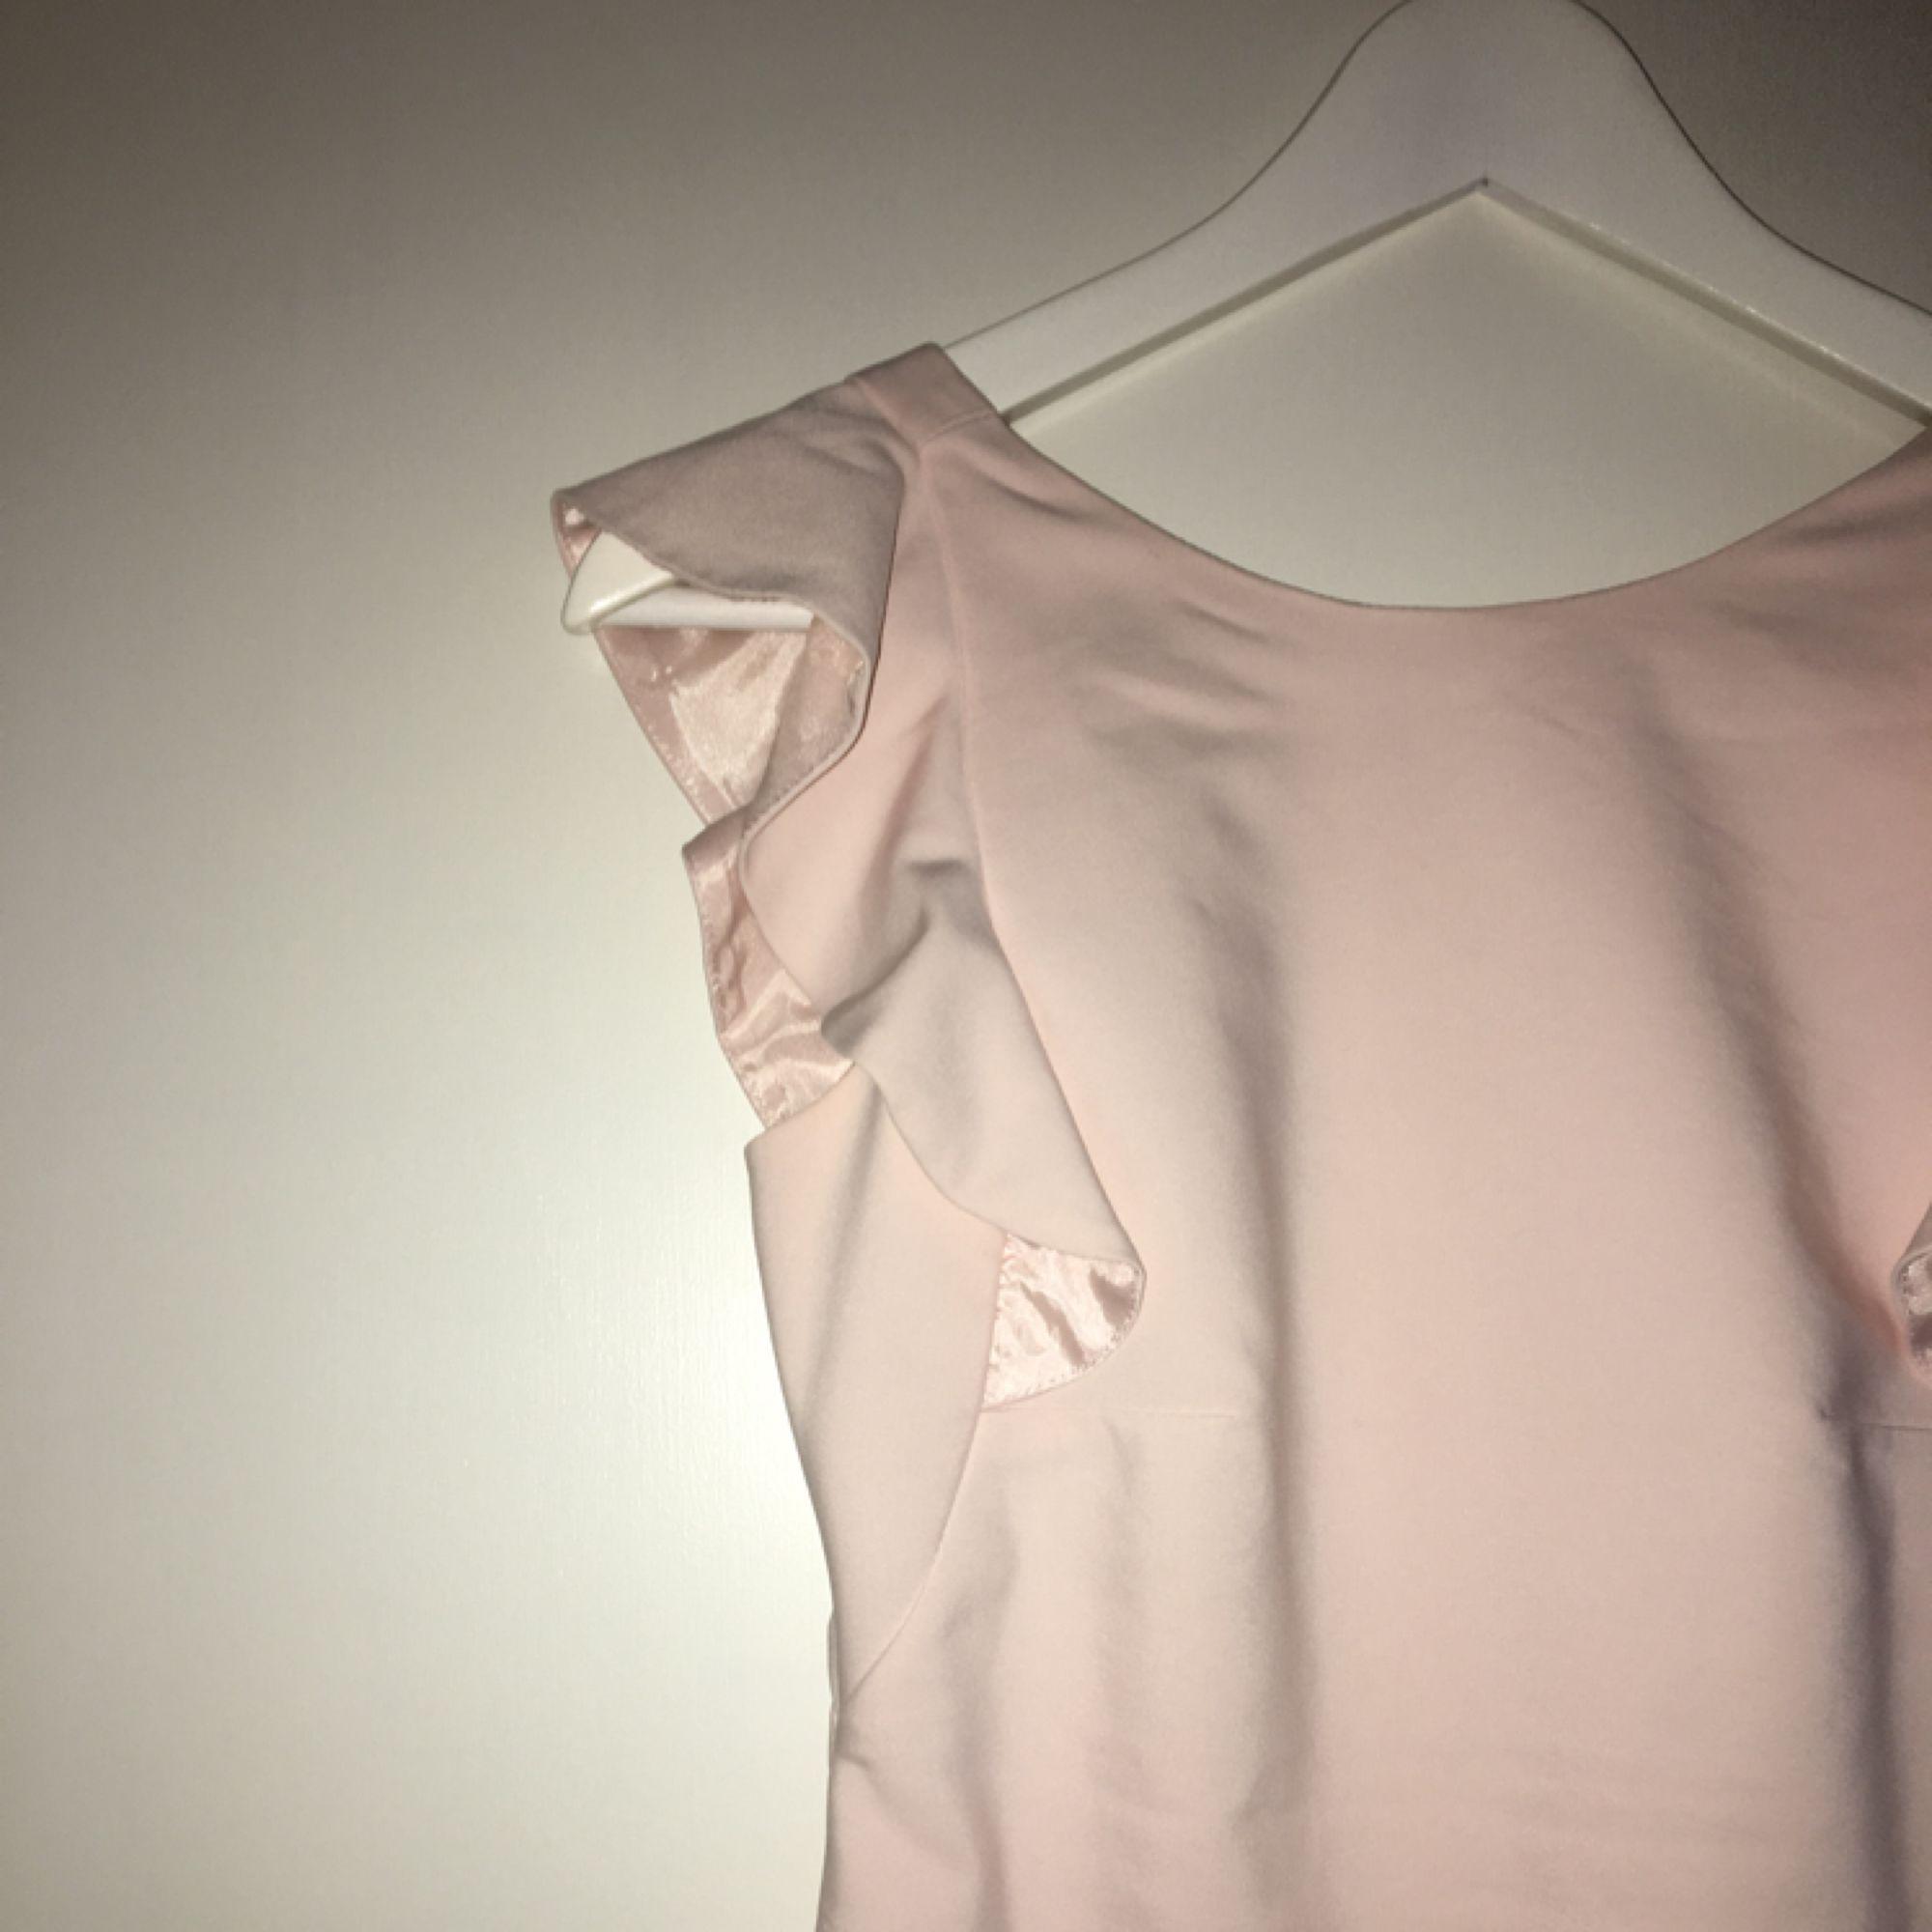 719d7f5c18d9 Perfekt längd, inte Snygg och vacker rosa klänning med volanger. Snygg  figursydd passform. Perfekt längd, inte